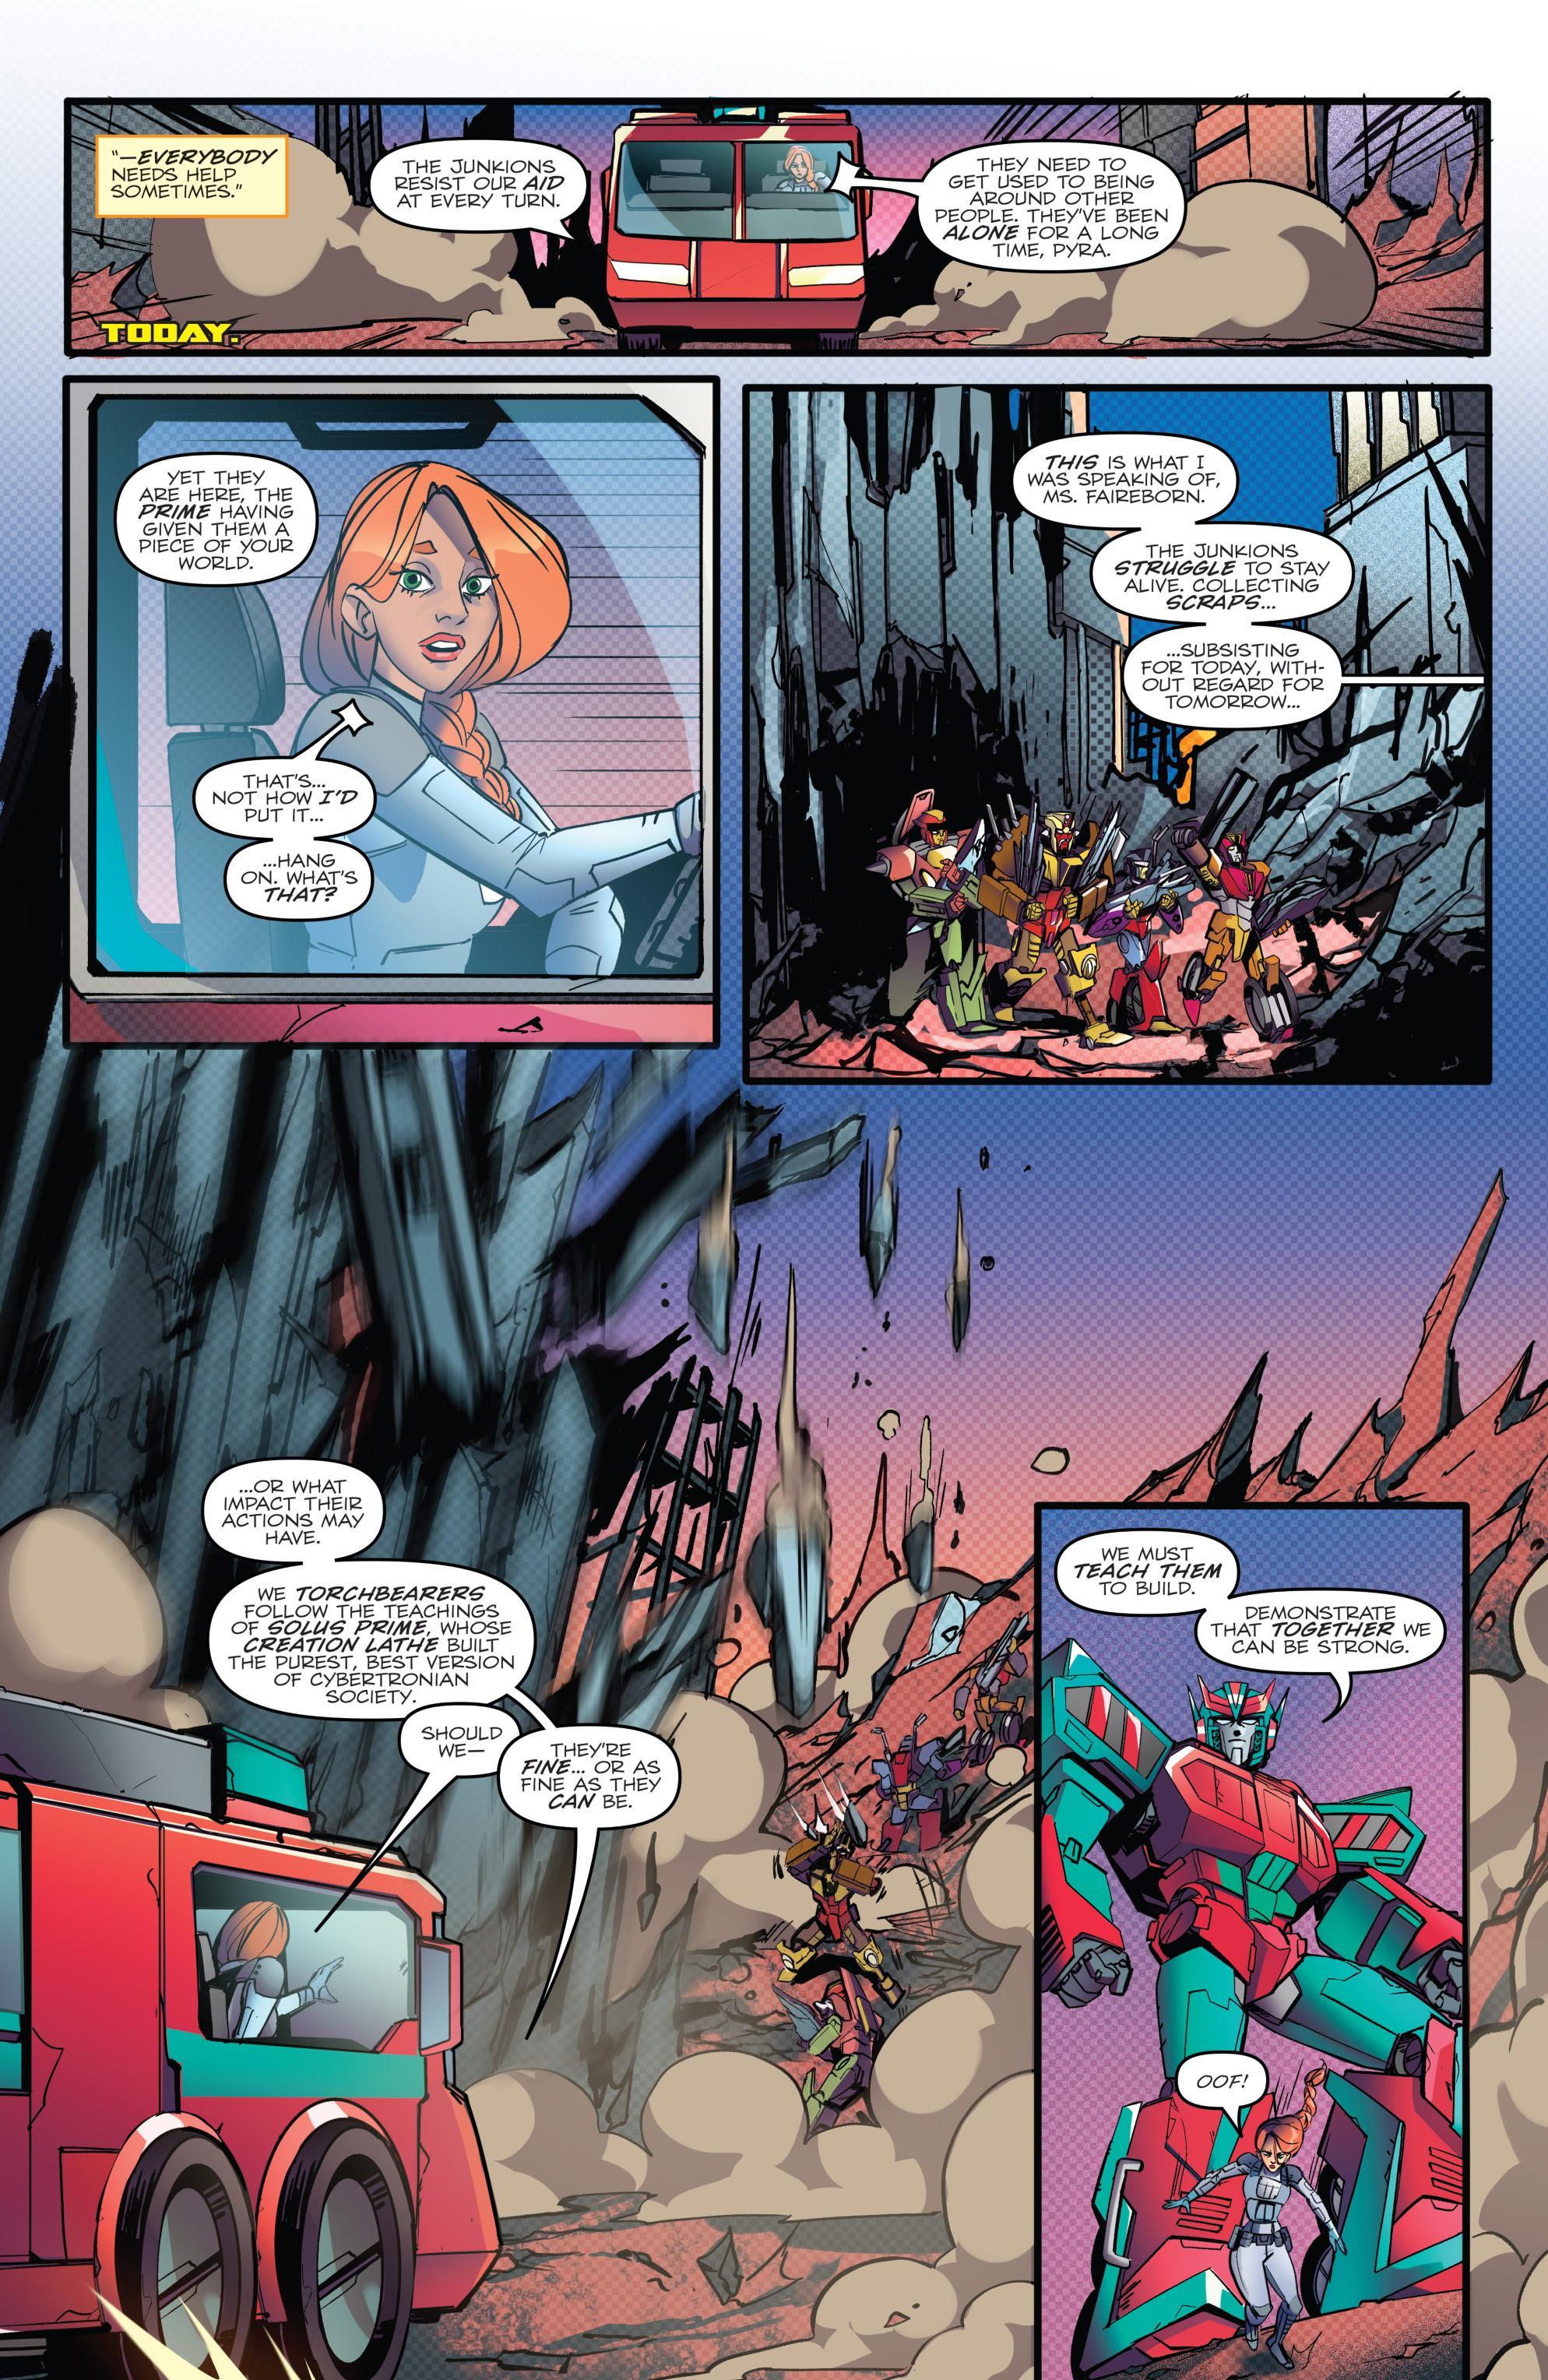 Read online Optimus Prime comic -  Issue #7 - 20